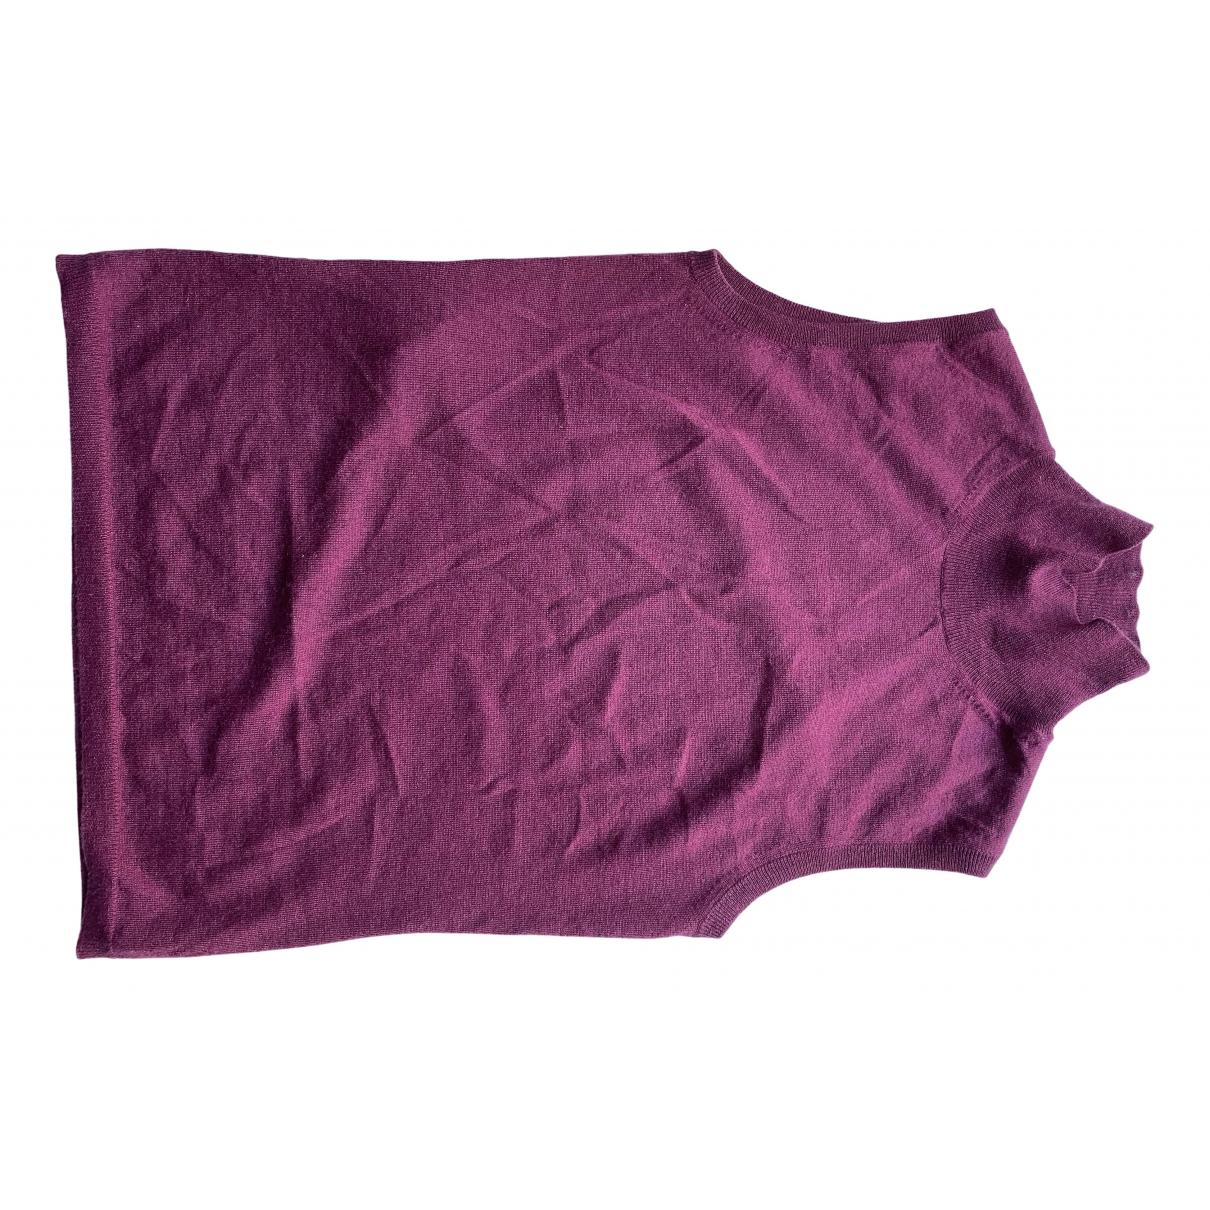 Miu Miu - Pull   pour femme en cachemire - rose